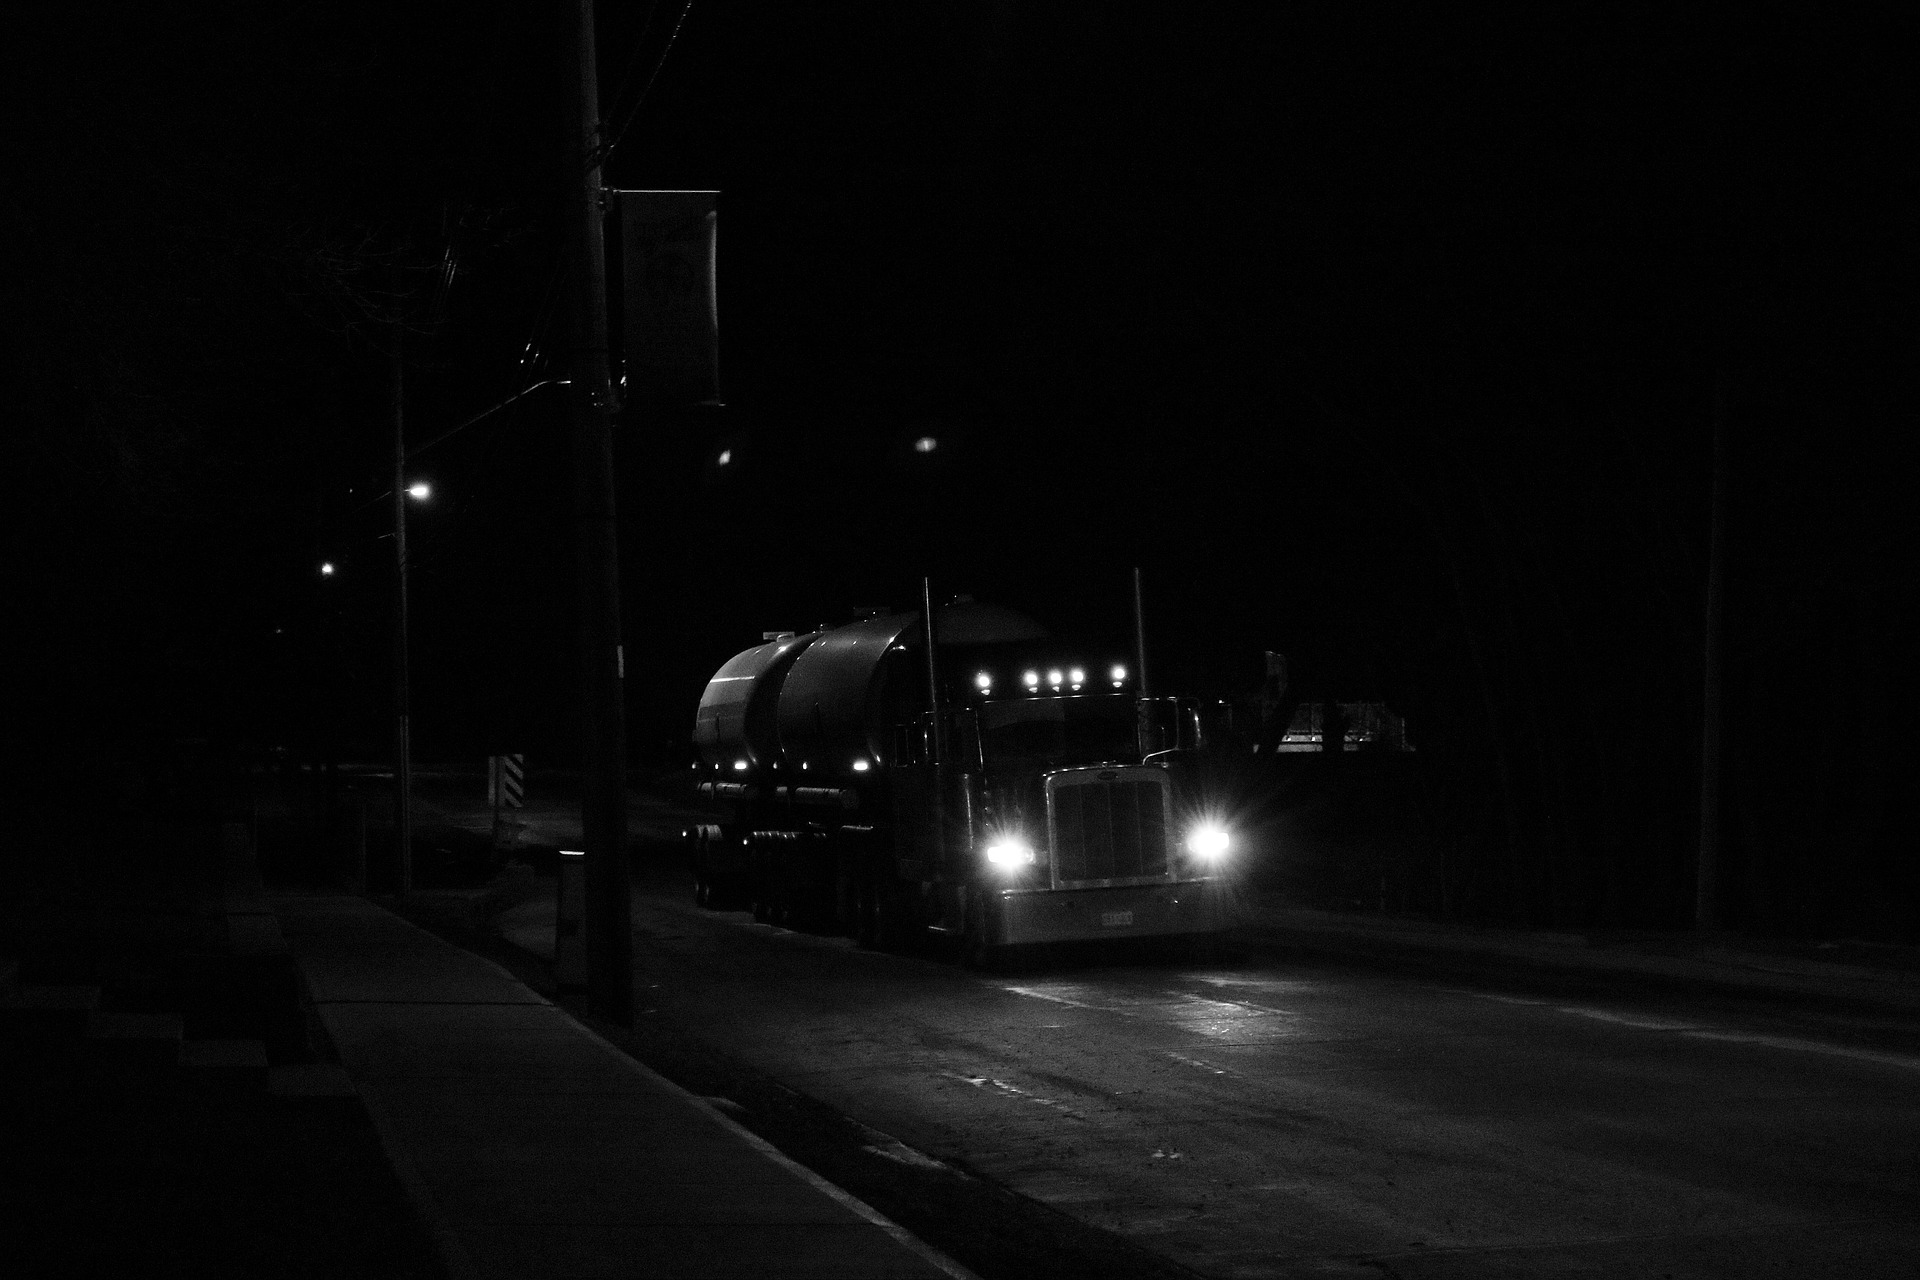 truck in dark.jpg